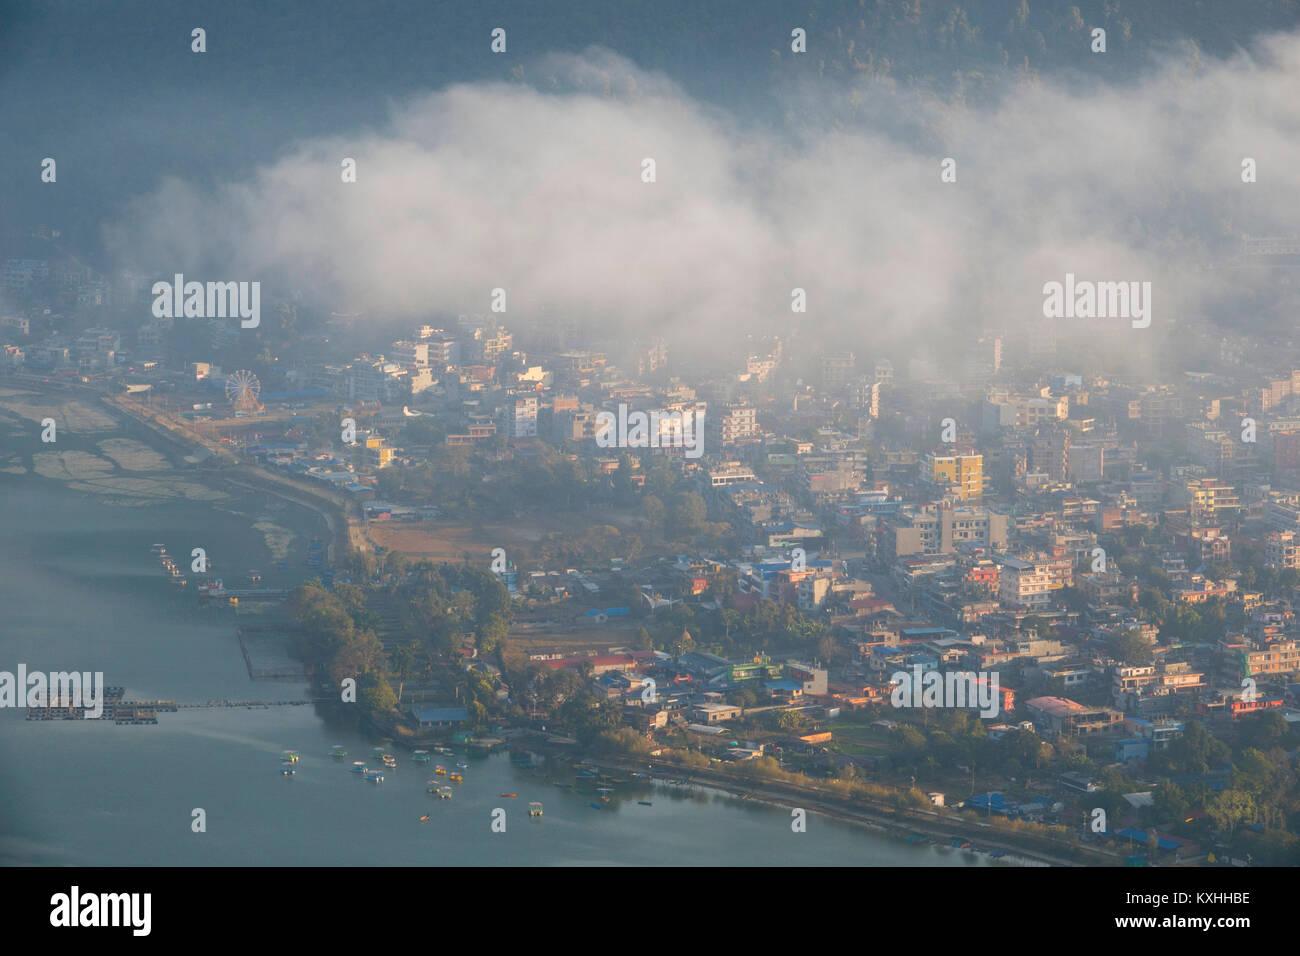 Early morning mist over Phewa Lake and Pokhara, Nepal - Stock Image